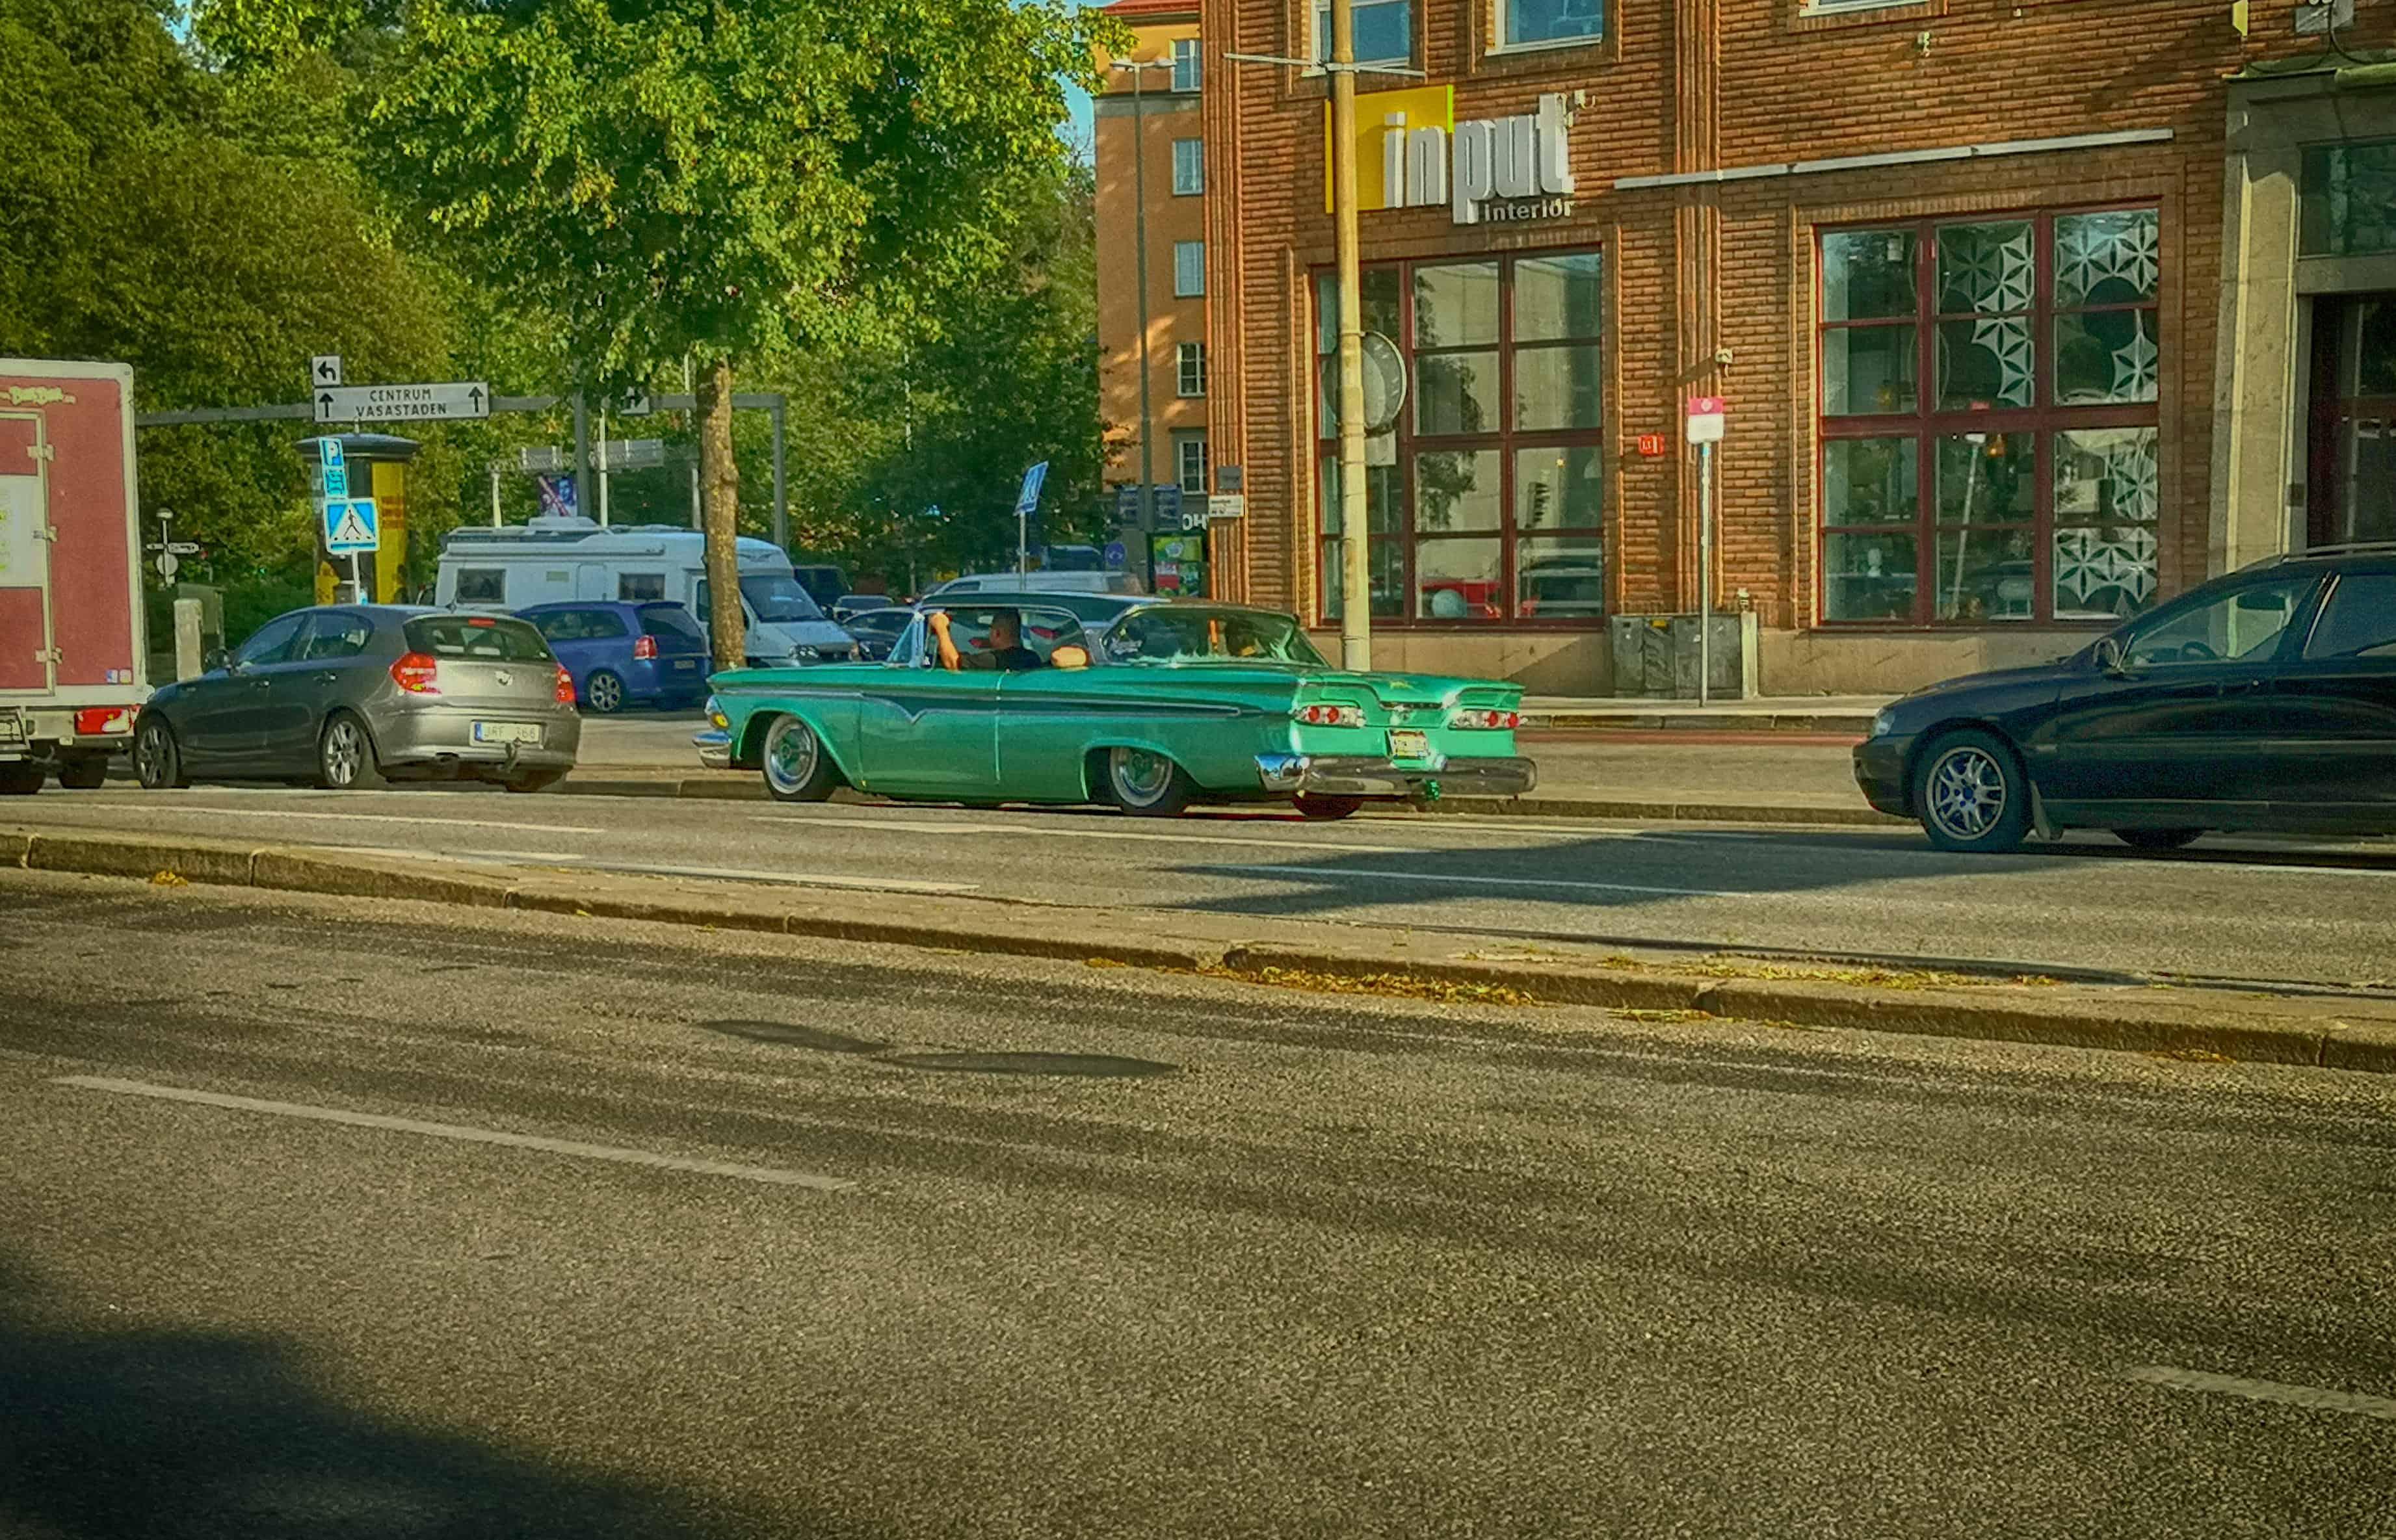 Κλασικά Αμερικάνικα αυτοκίνητα στην Στοκχόλμη